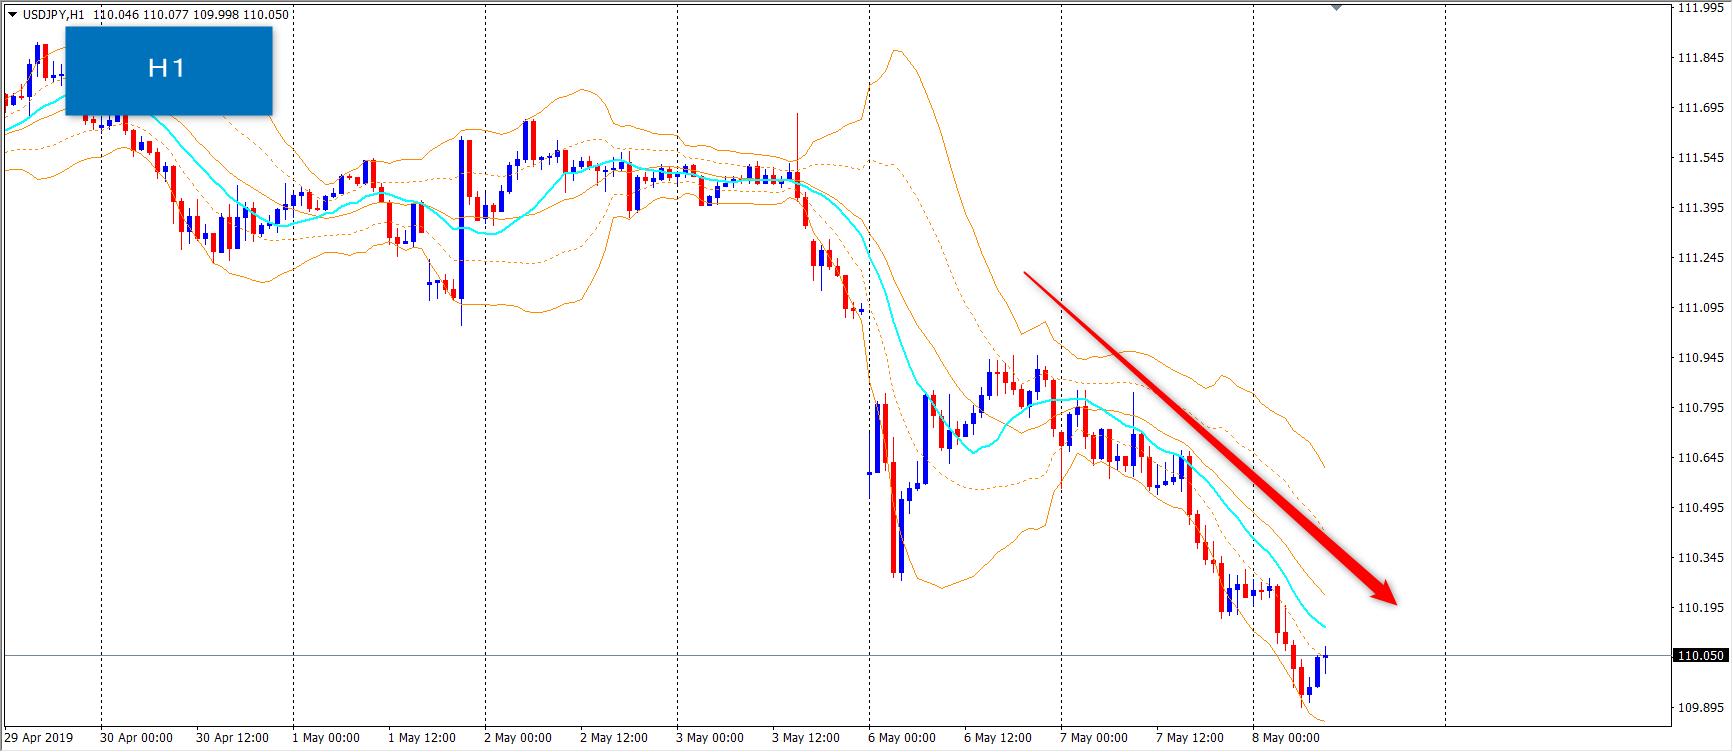 ドル円は下落傾向